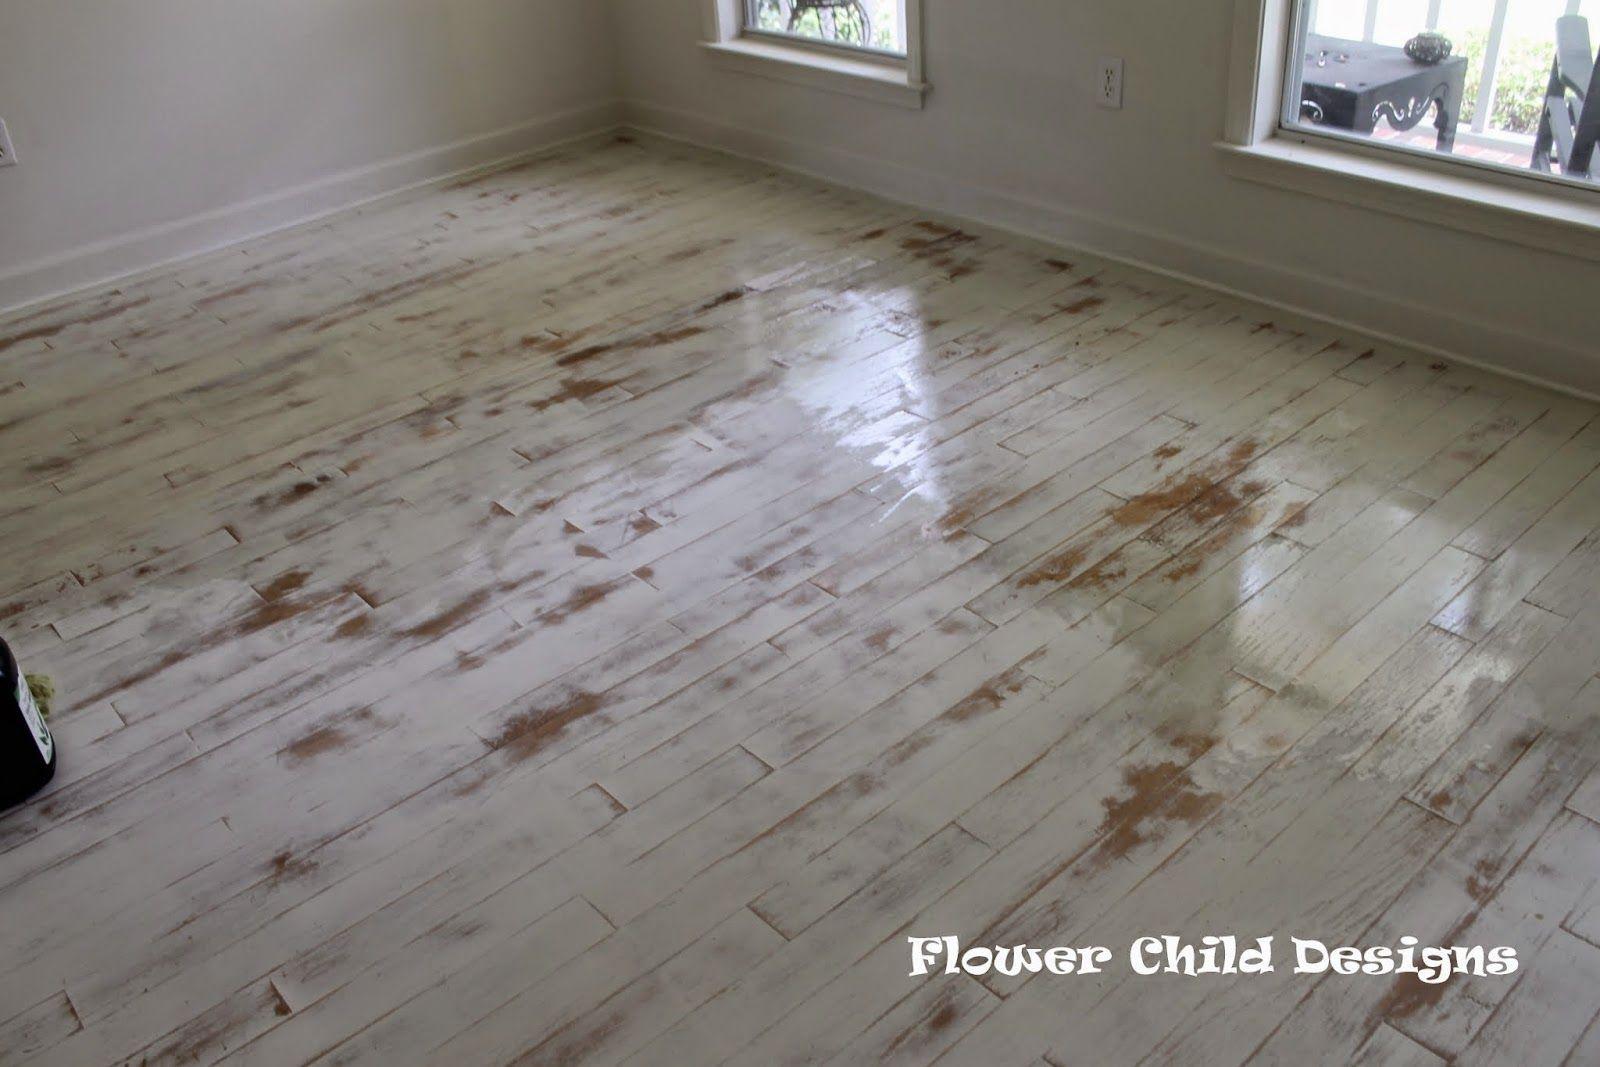 Distressed White Painted Wood Floors Google Search Painted Wood Floors Wood Floors White Painted Wood Floors